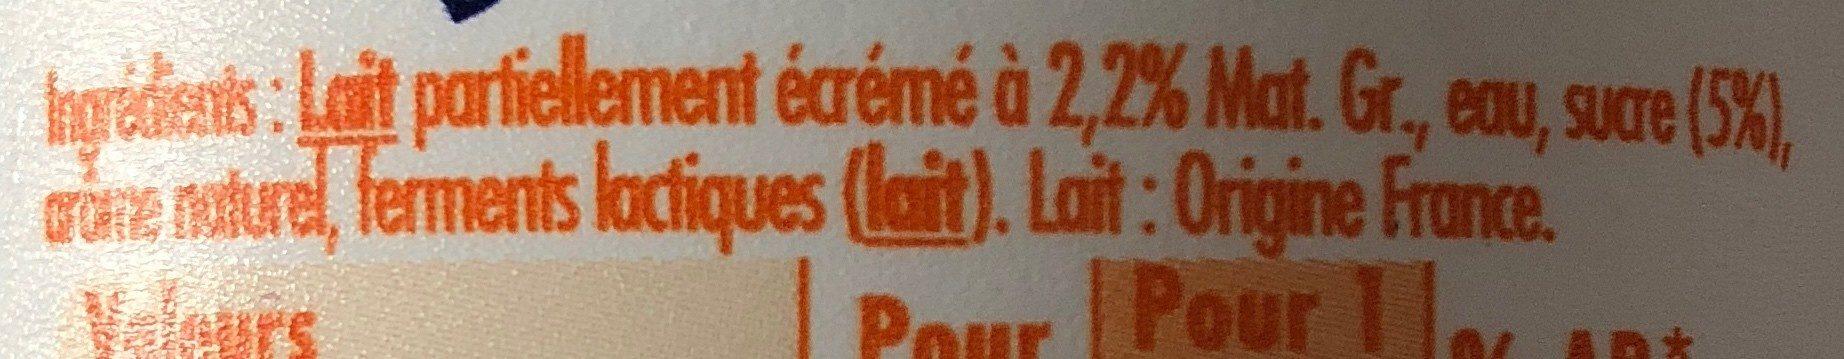 Lassi inspire d inde - Ingrediënten - fr